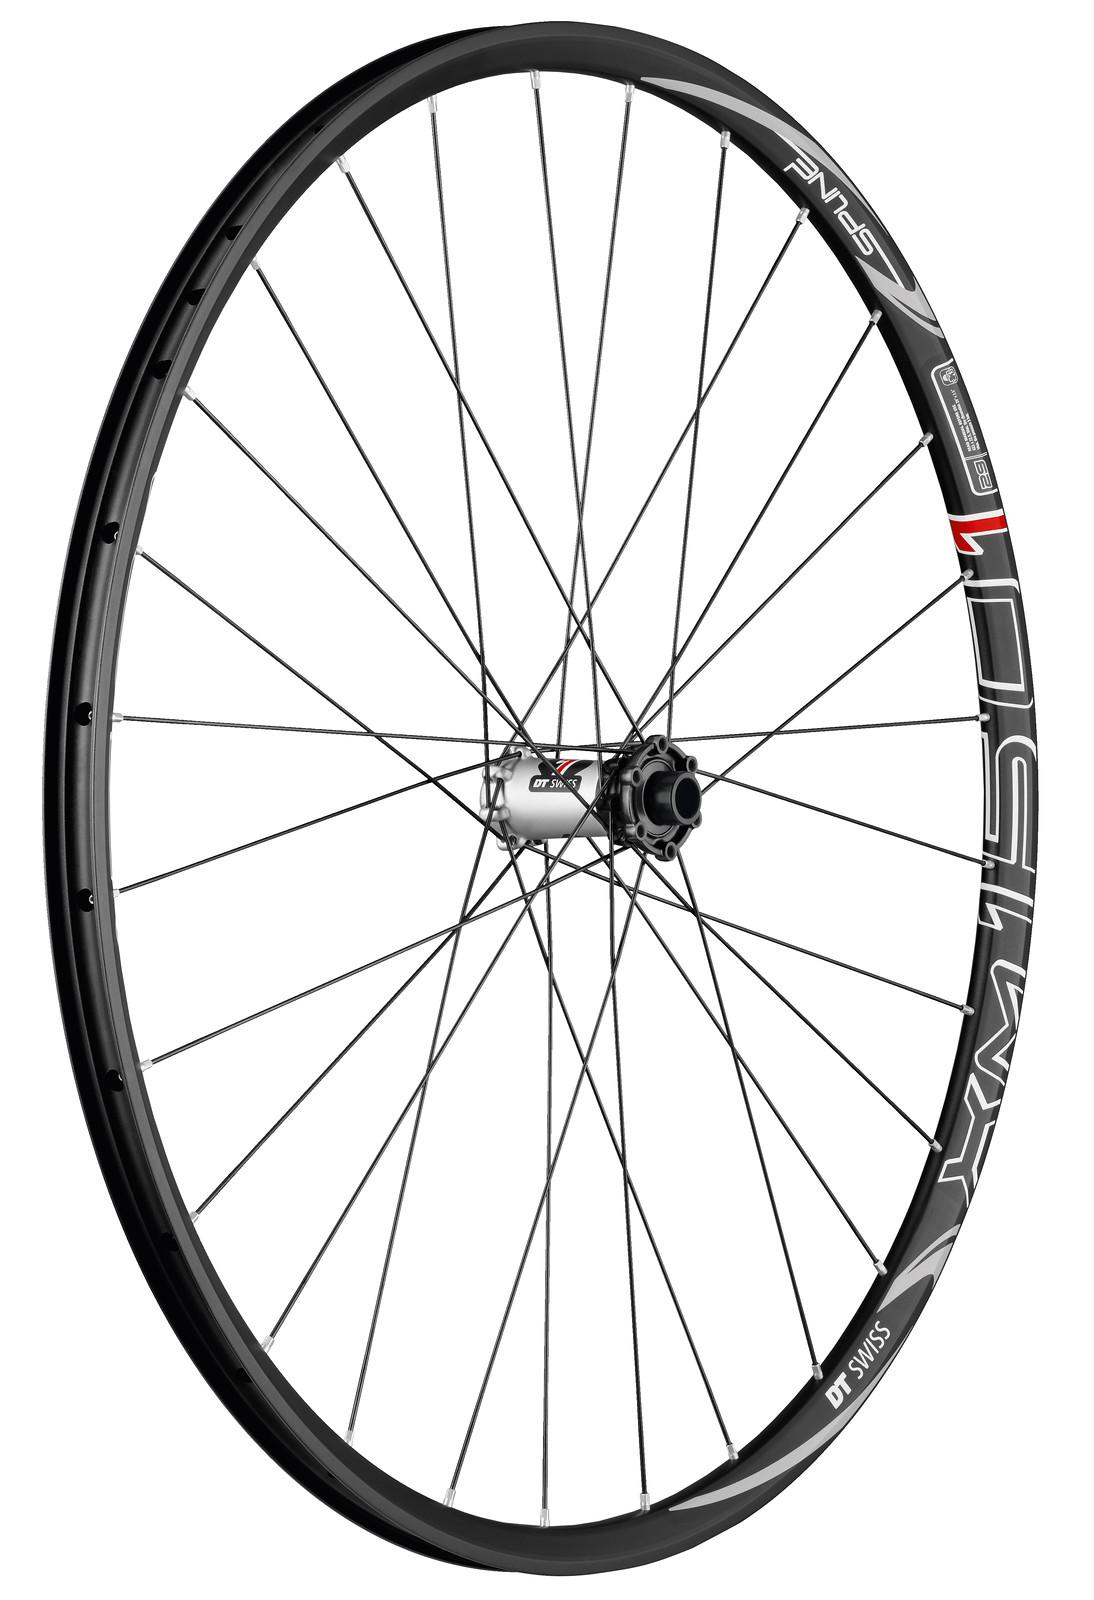 DT Swiss XM1501 Spline ONE 29 Complete Wheel XM_1501_SPLINE_ONE_29_BLACK_TA_15_100_FW_RGB